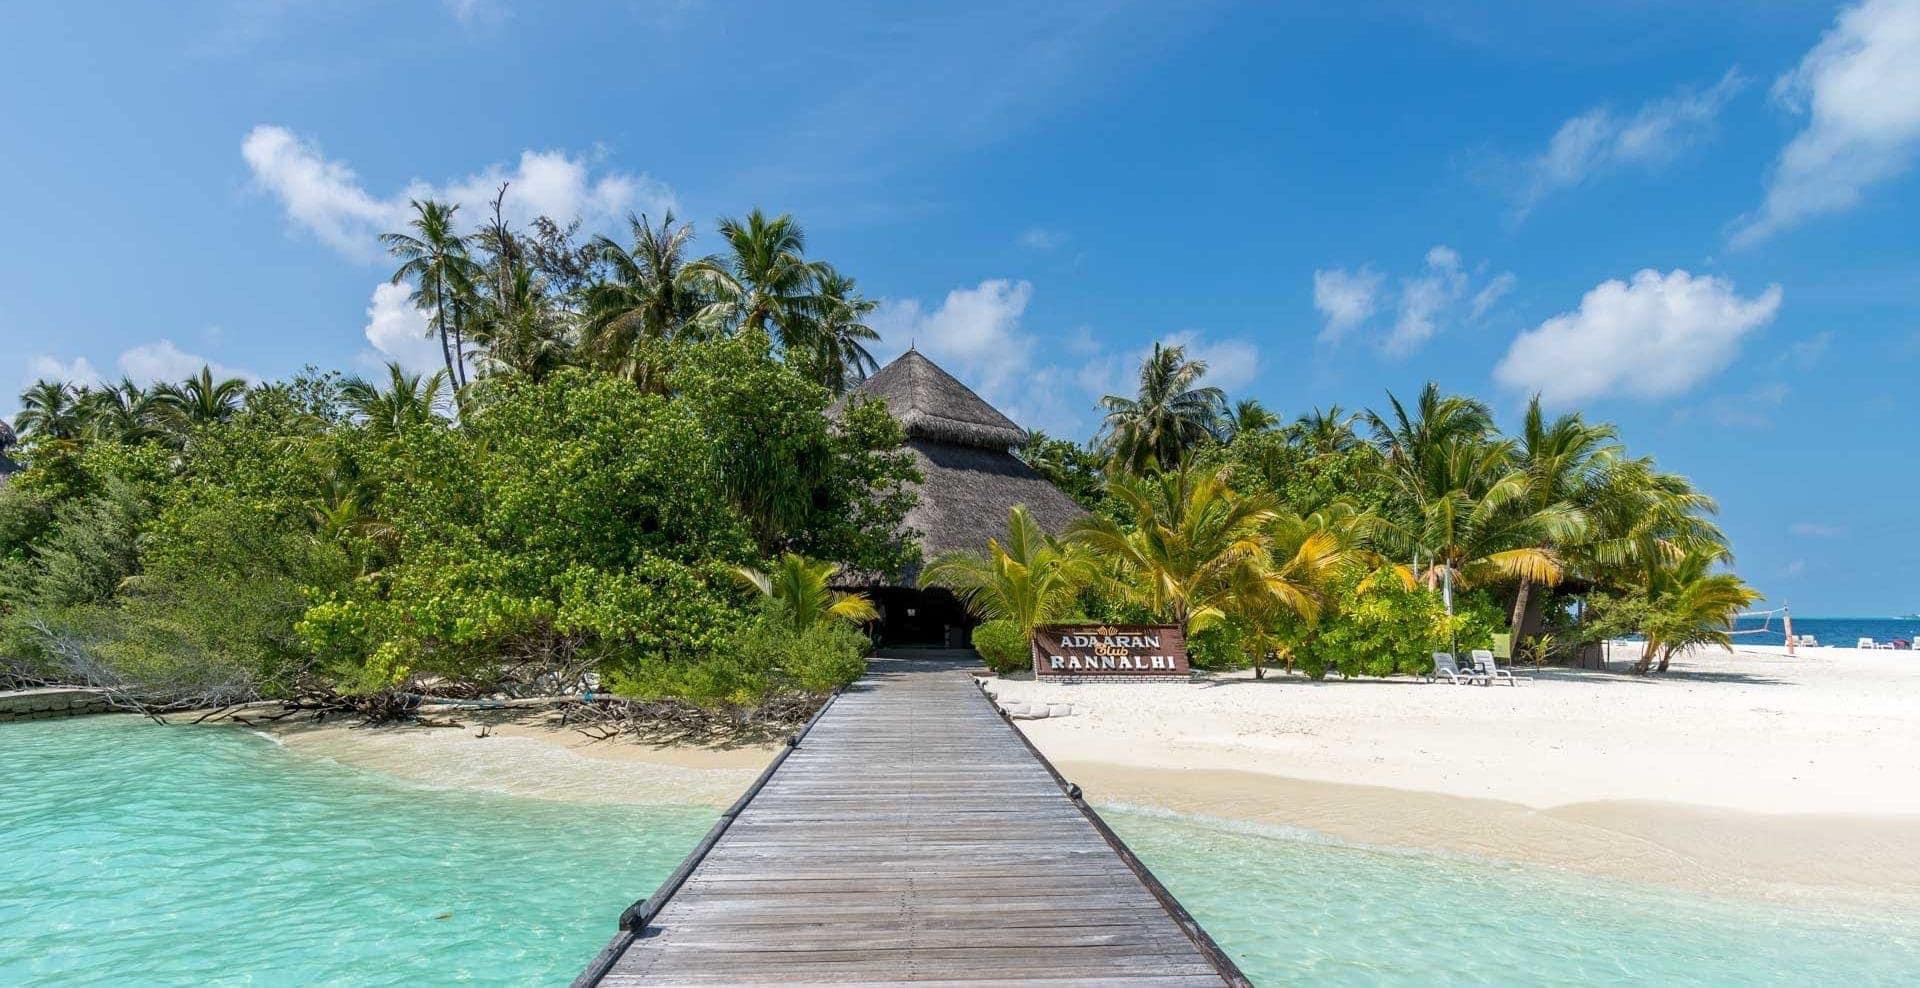 Malediwy, rajska wyspa, domek naplaży